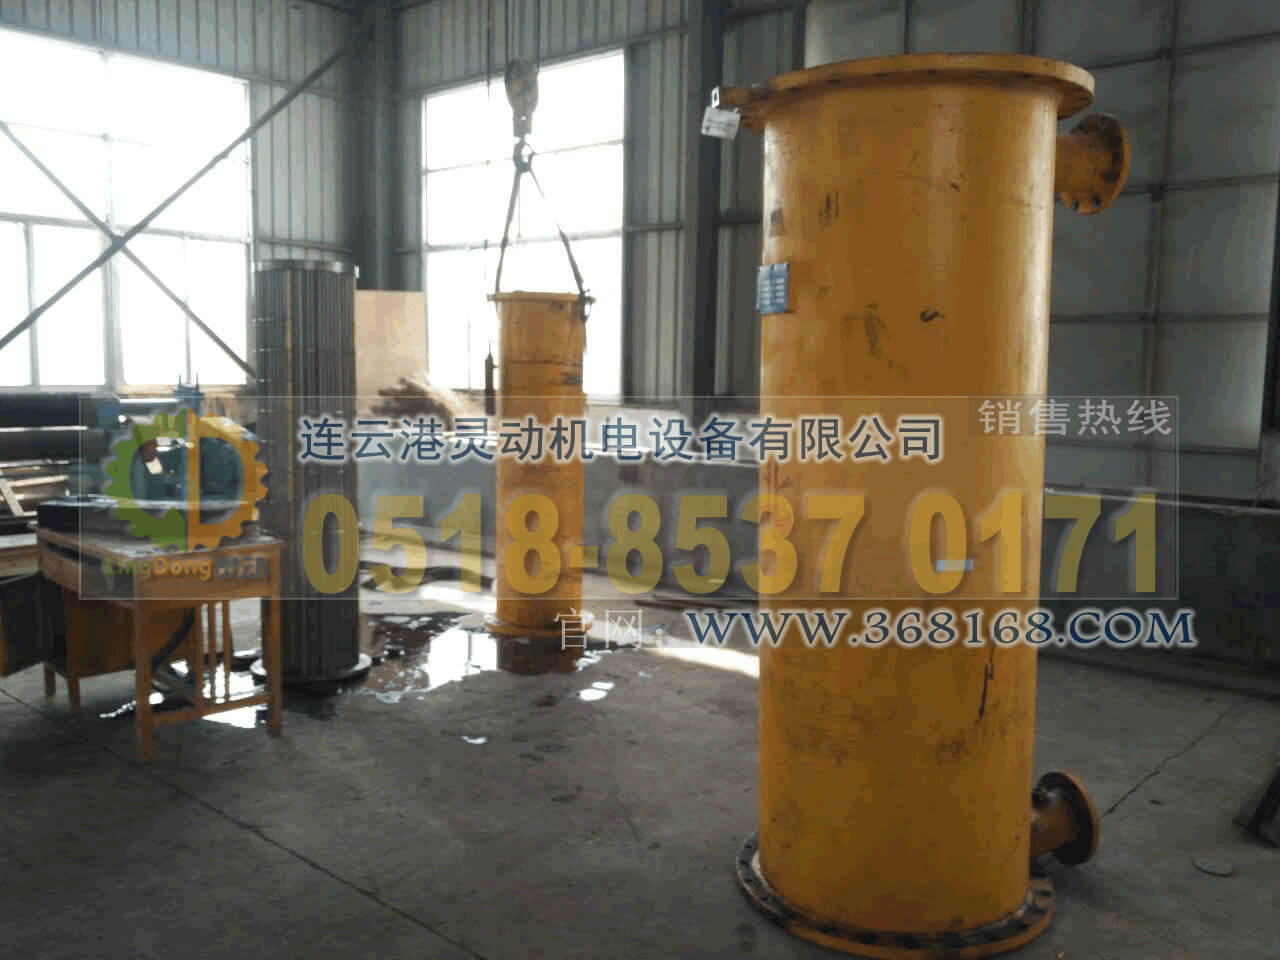 冷油器又称油水冷却器或列管式冷油器制造厂家